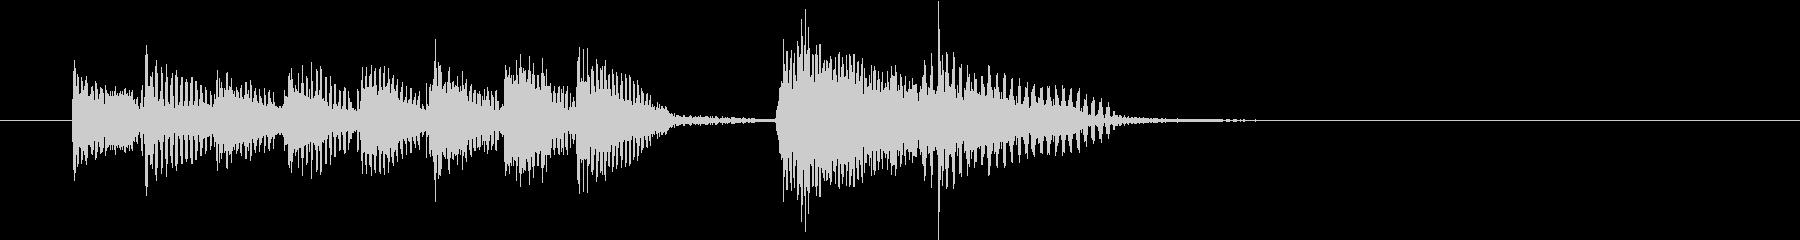 クイズの答え合わせなどにの未再生の波形